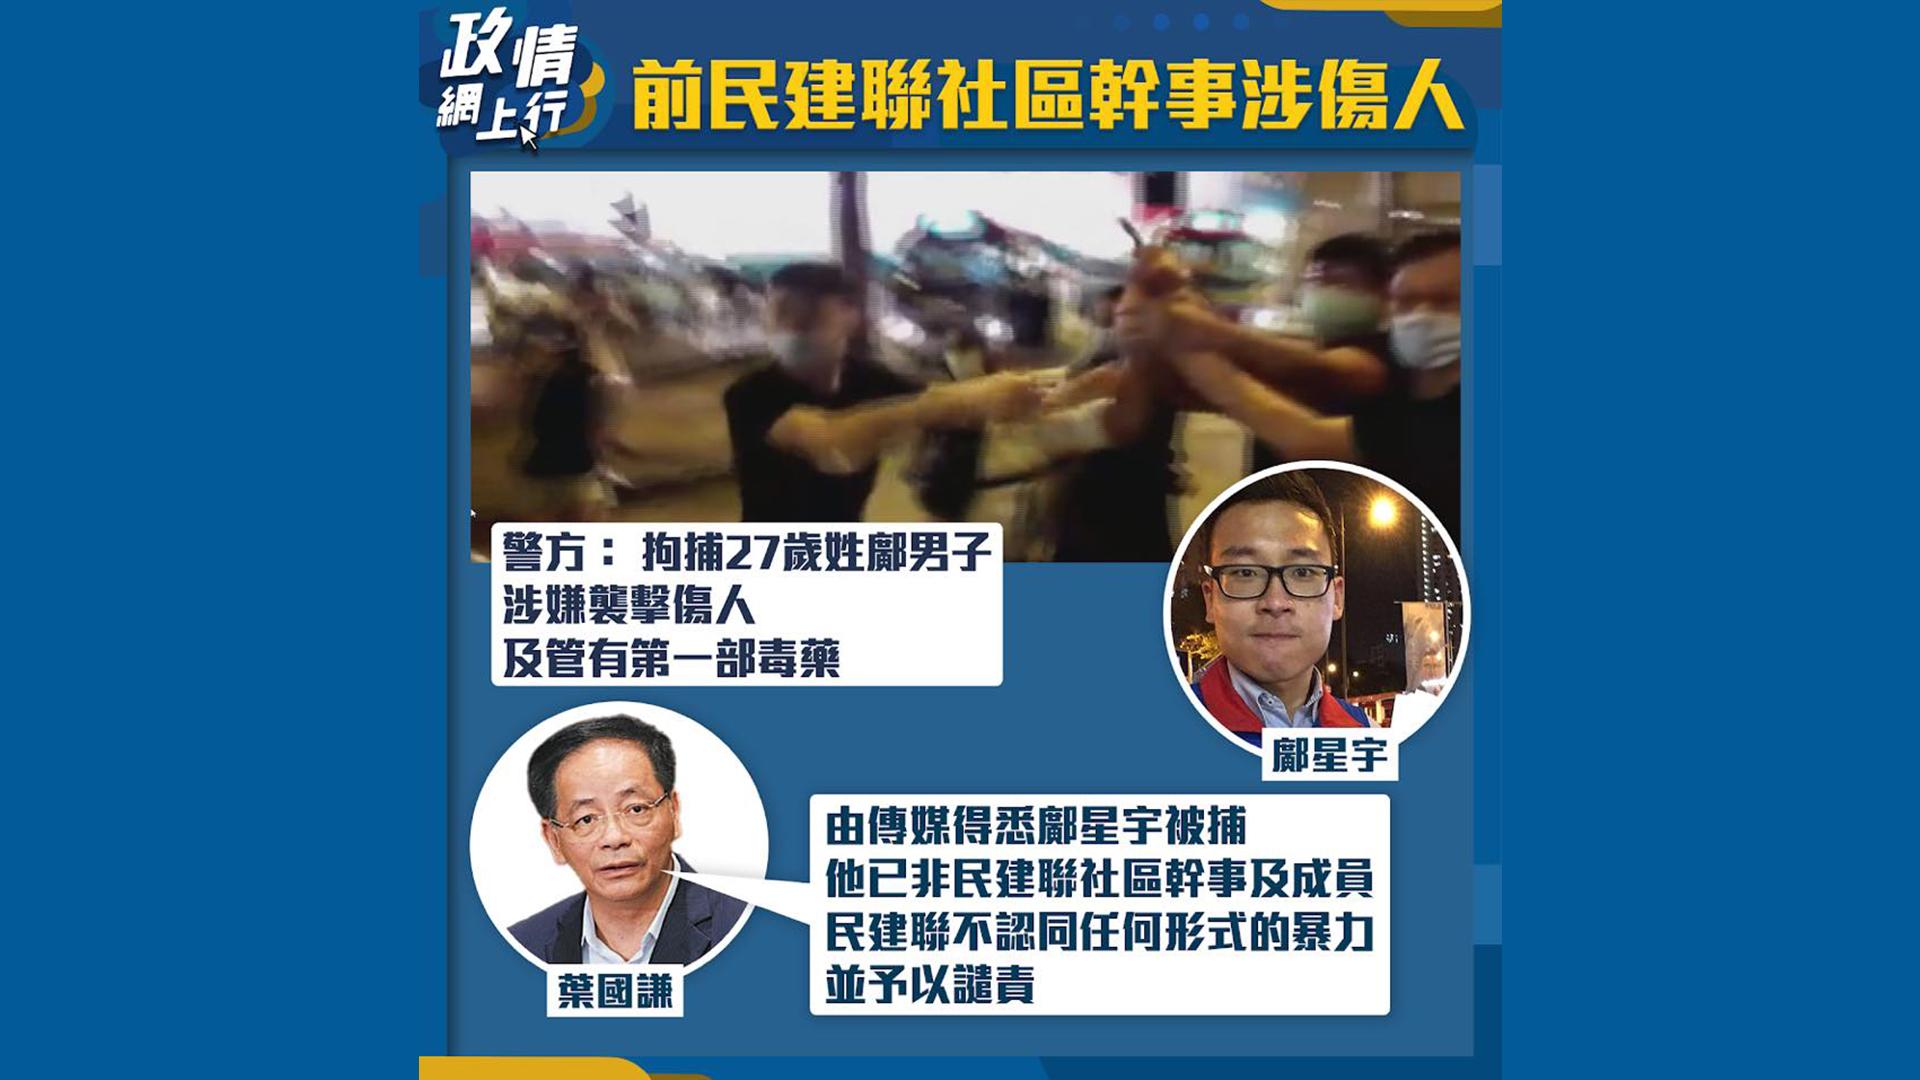 【政情網上行】前民建聯社區幹事涉傷人